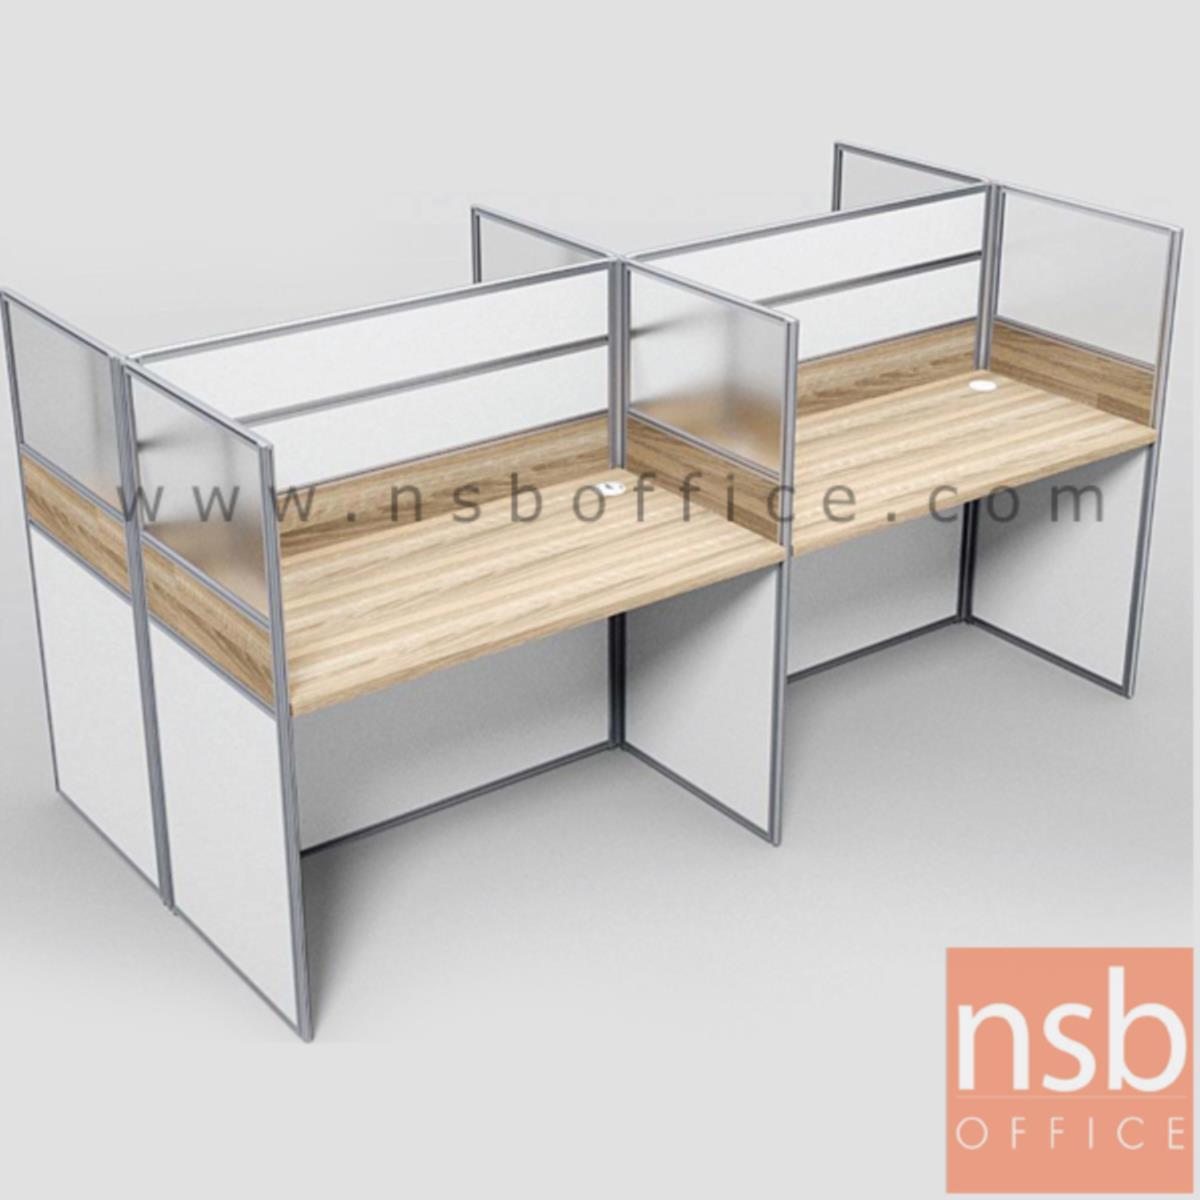 ชุดโต๊ะทำงานกลุ่มหน้าตรง 4 ที่นั่ง รุ่น Barcadi 7 (บาร์คาดี้ 7) ขนาดรวม 246W ,306W cm. มีและไม่มีตู้แขวนเอกสาร